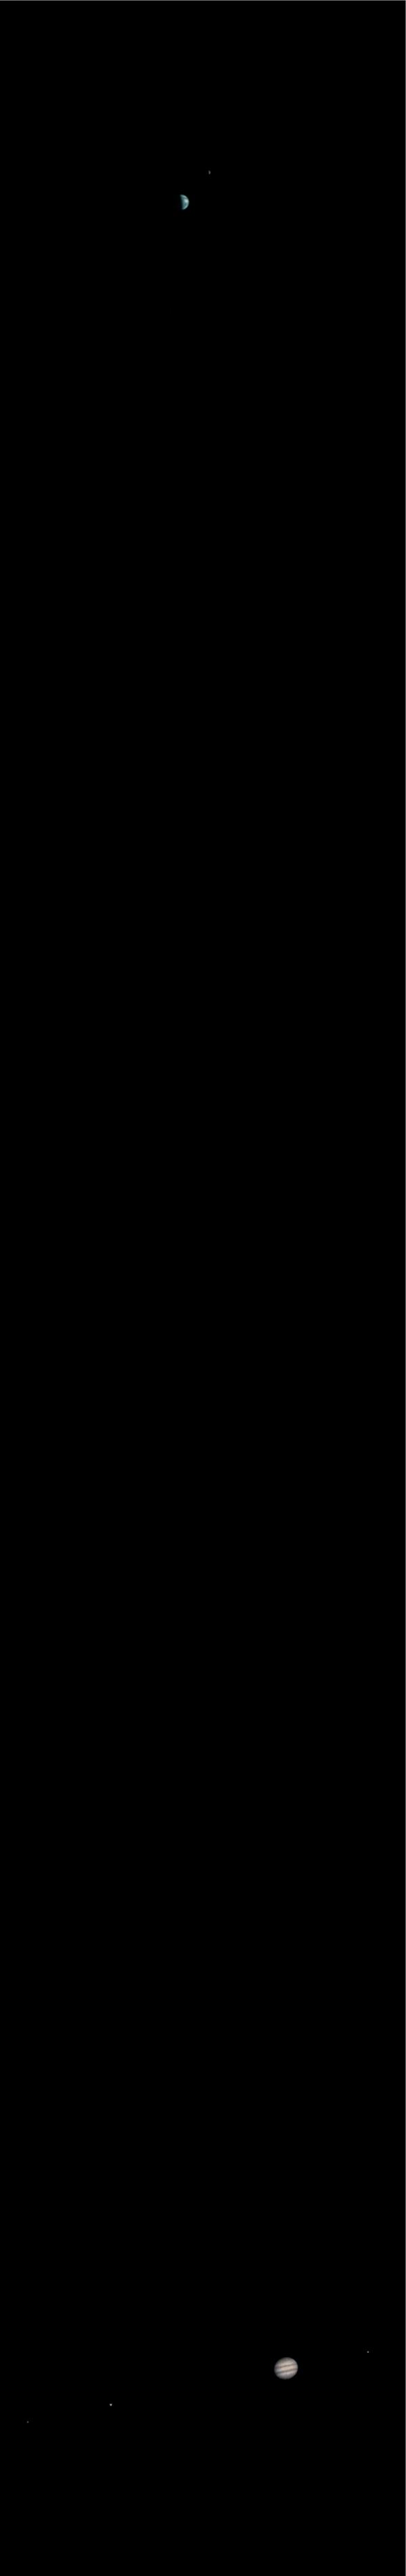 earth, moon, jupiter as seen from mars